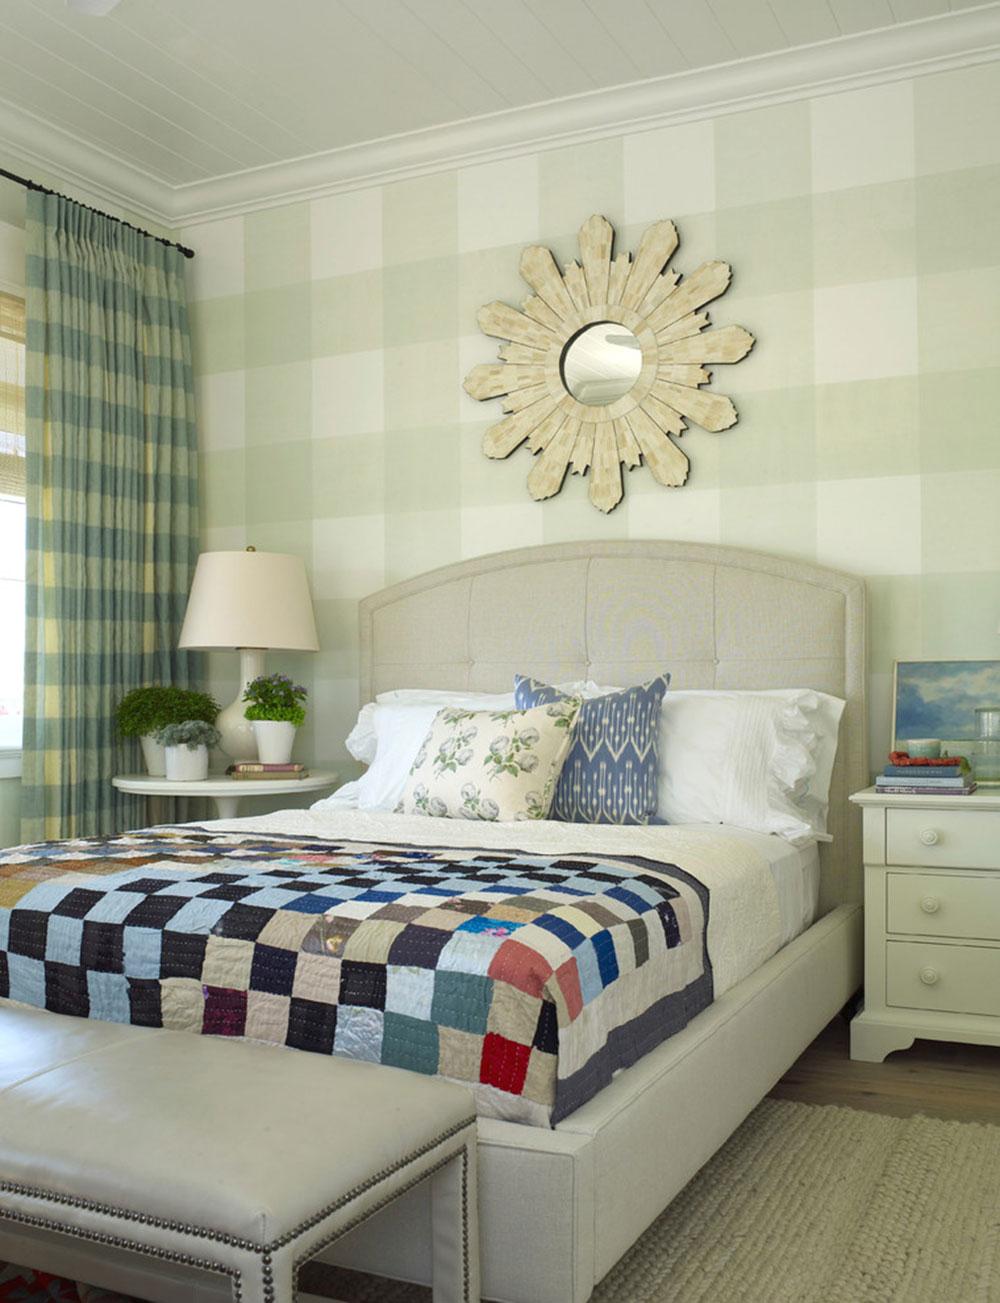 Plaid home decor for everyone10 plaid home decor for everyone